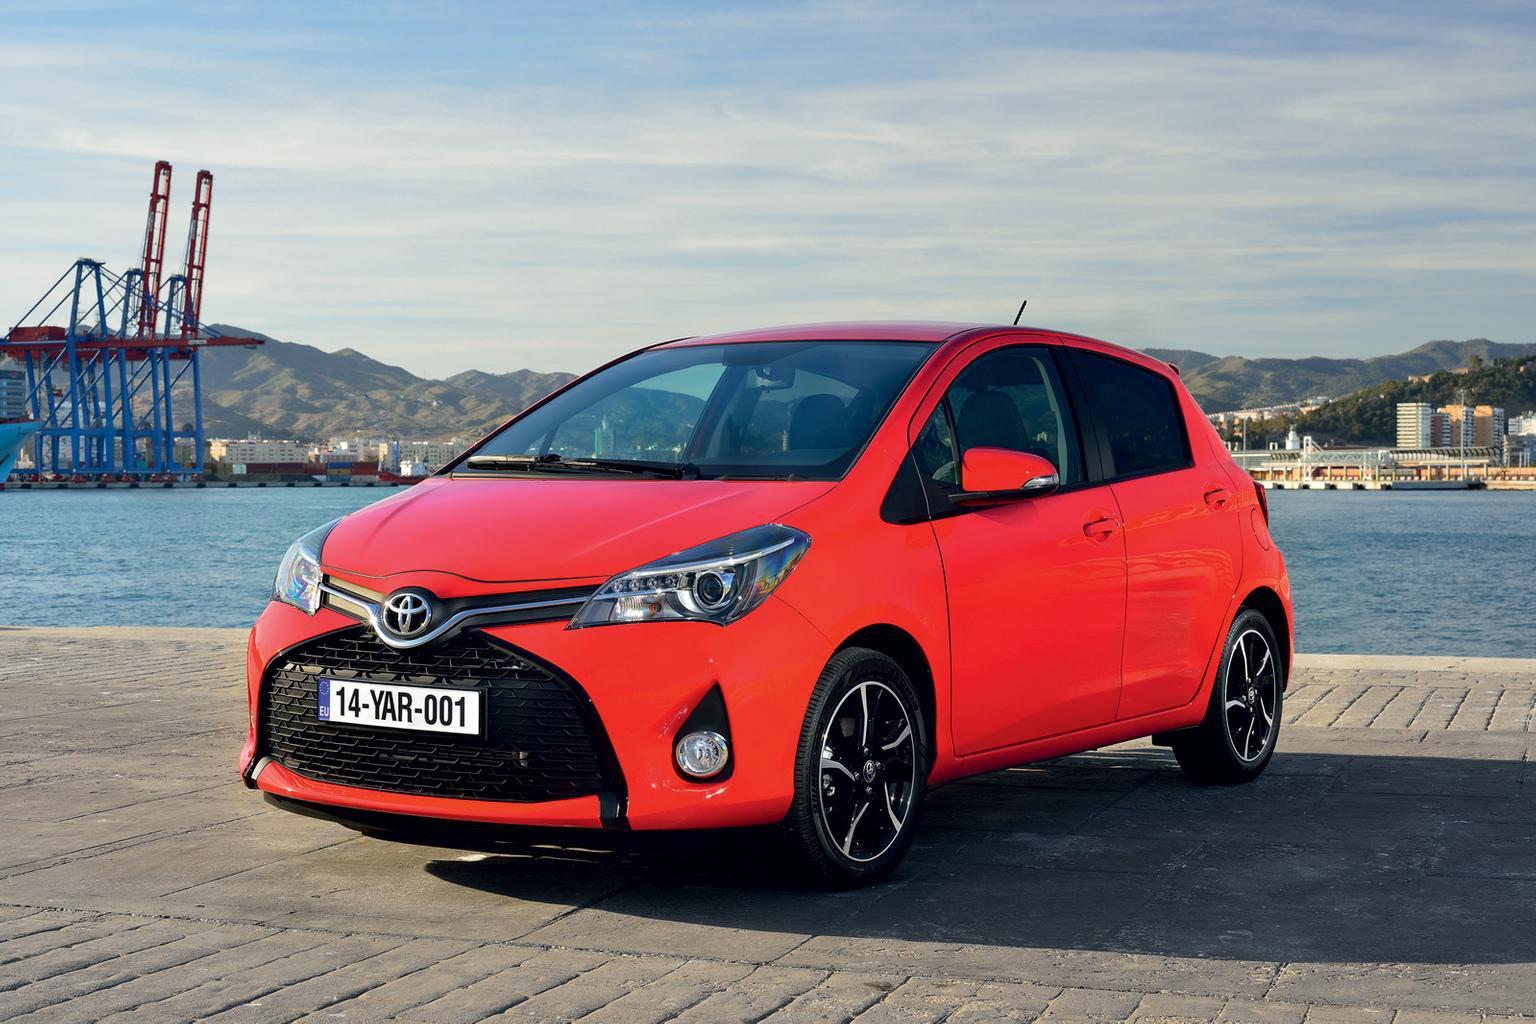 2014 Toyota Yaris face-lift revealed